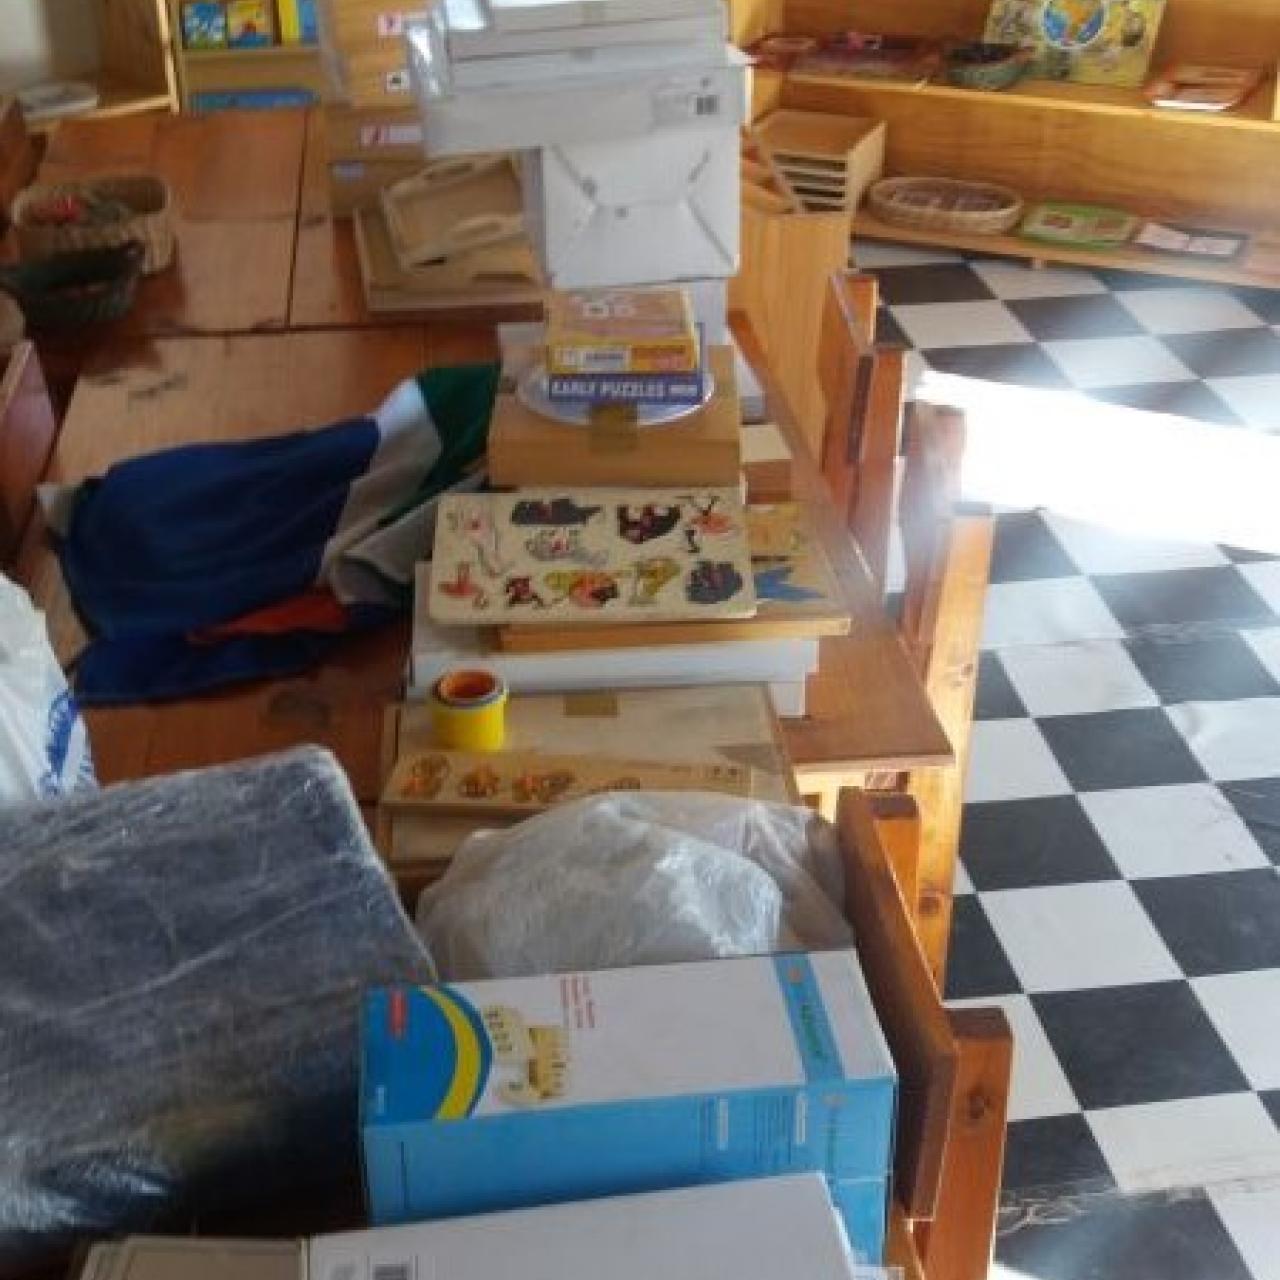 Brand new Montessori materials donated by Garden Road Montessori